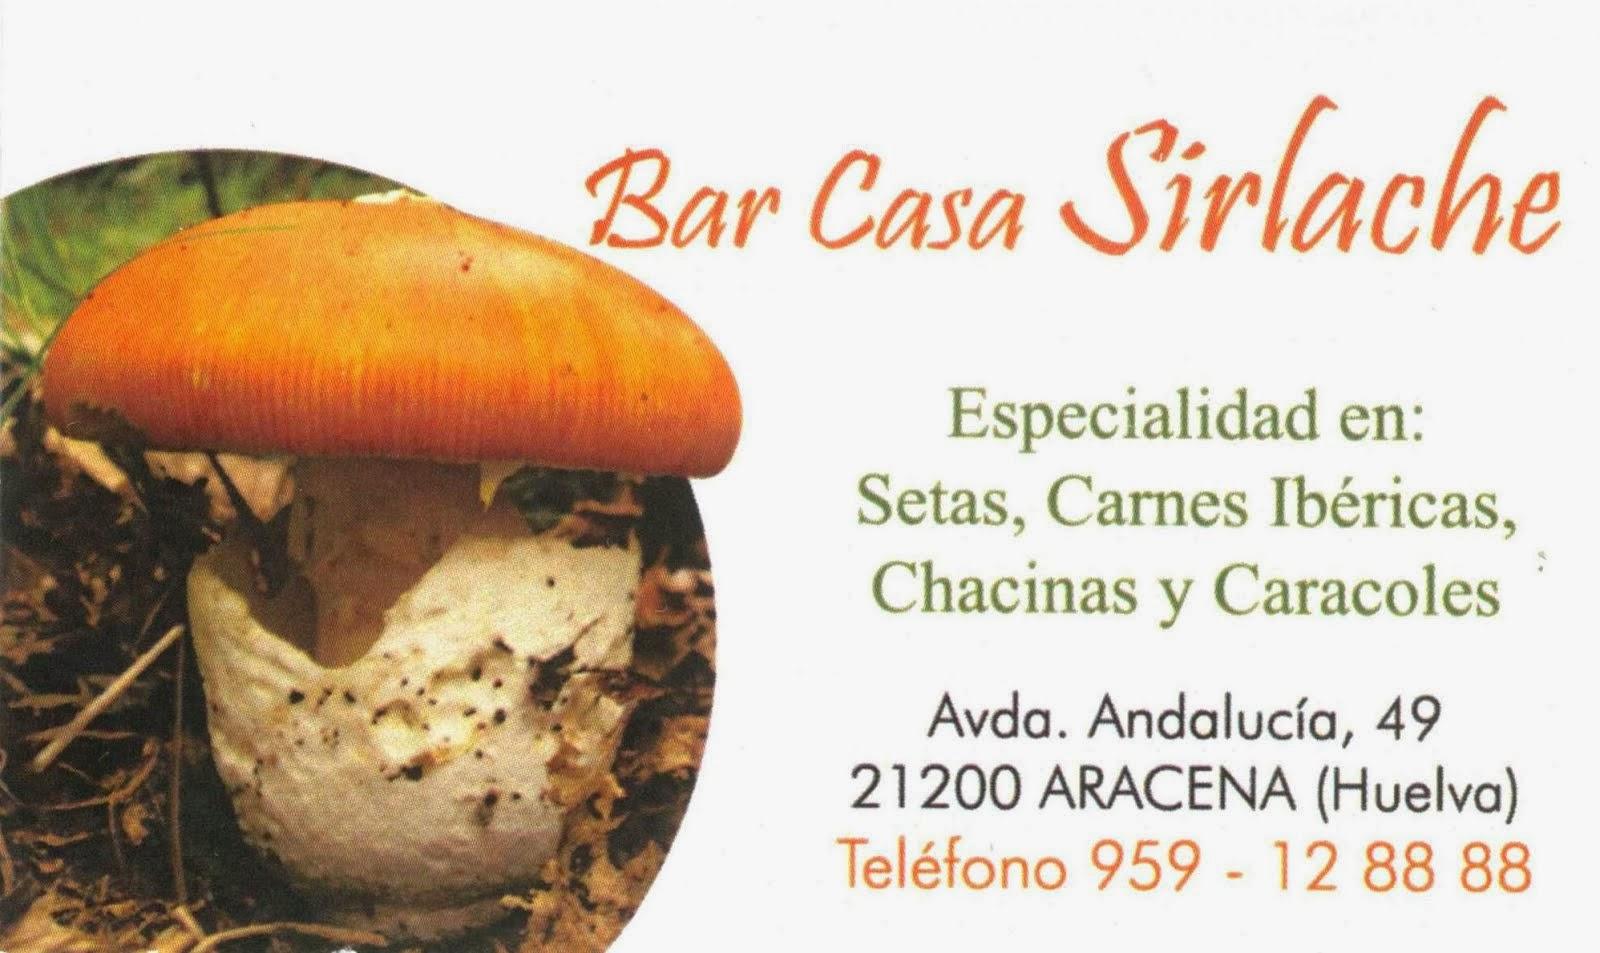 BAR CASA SIRLACHE